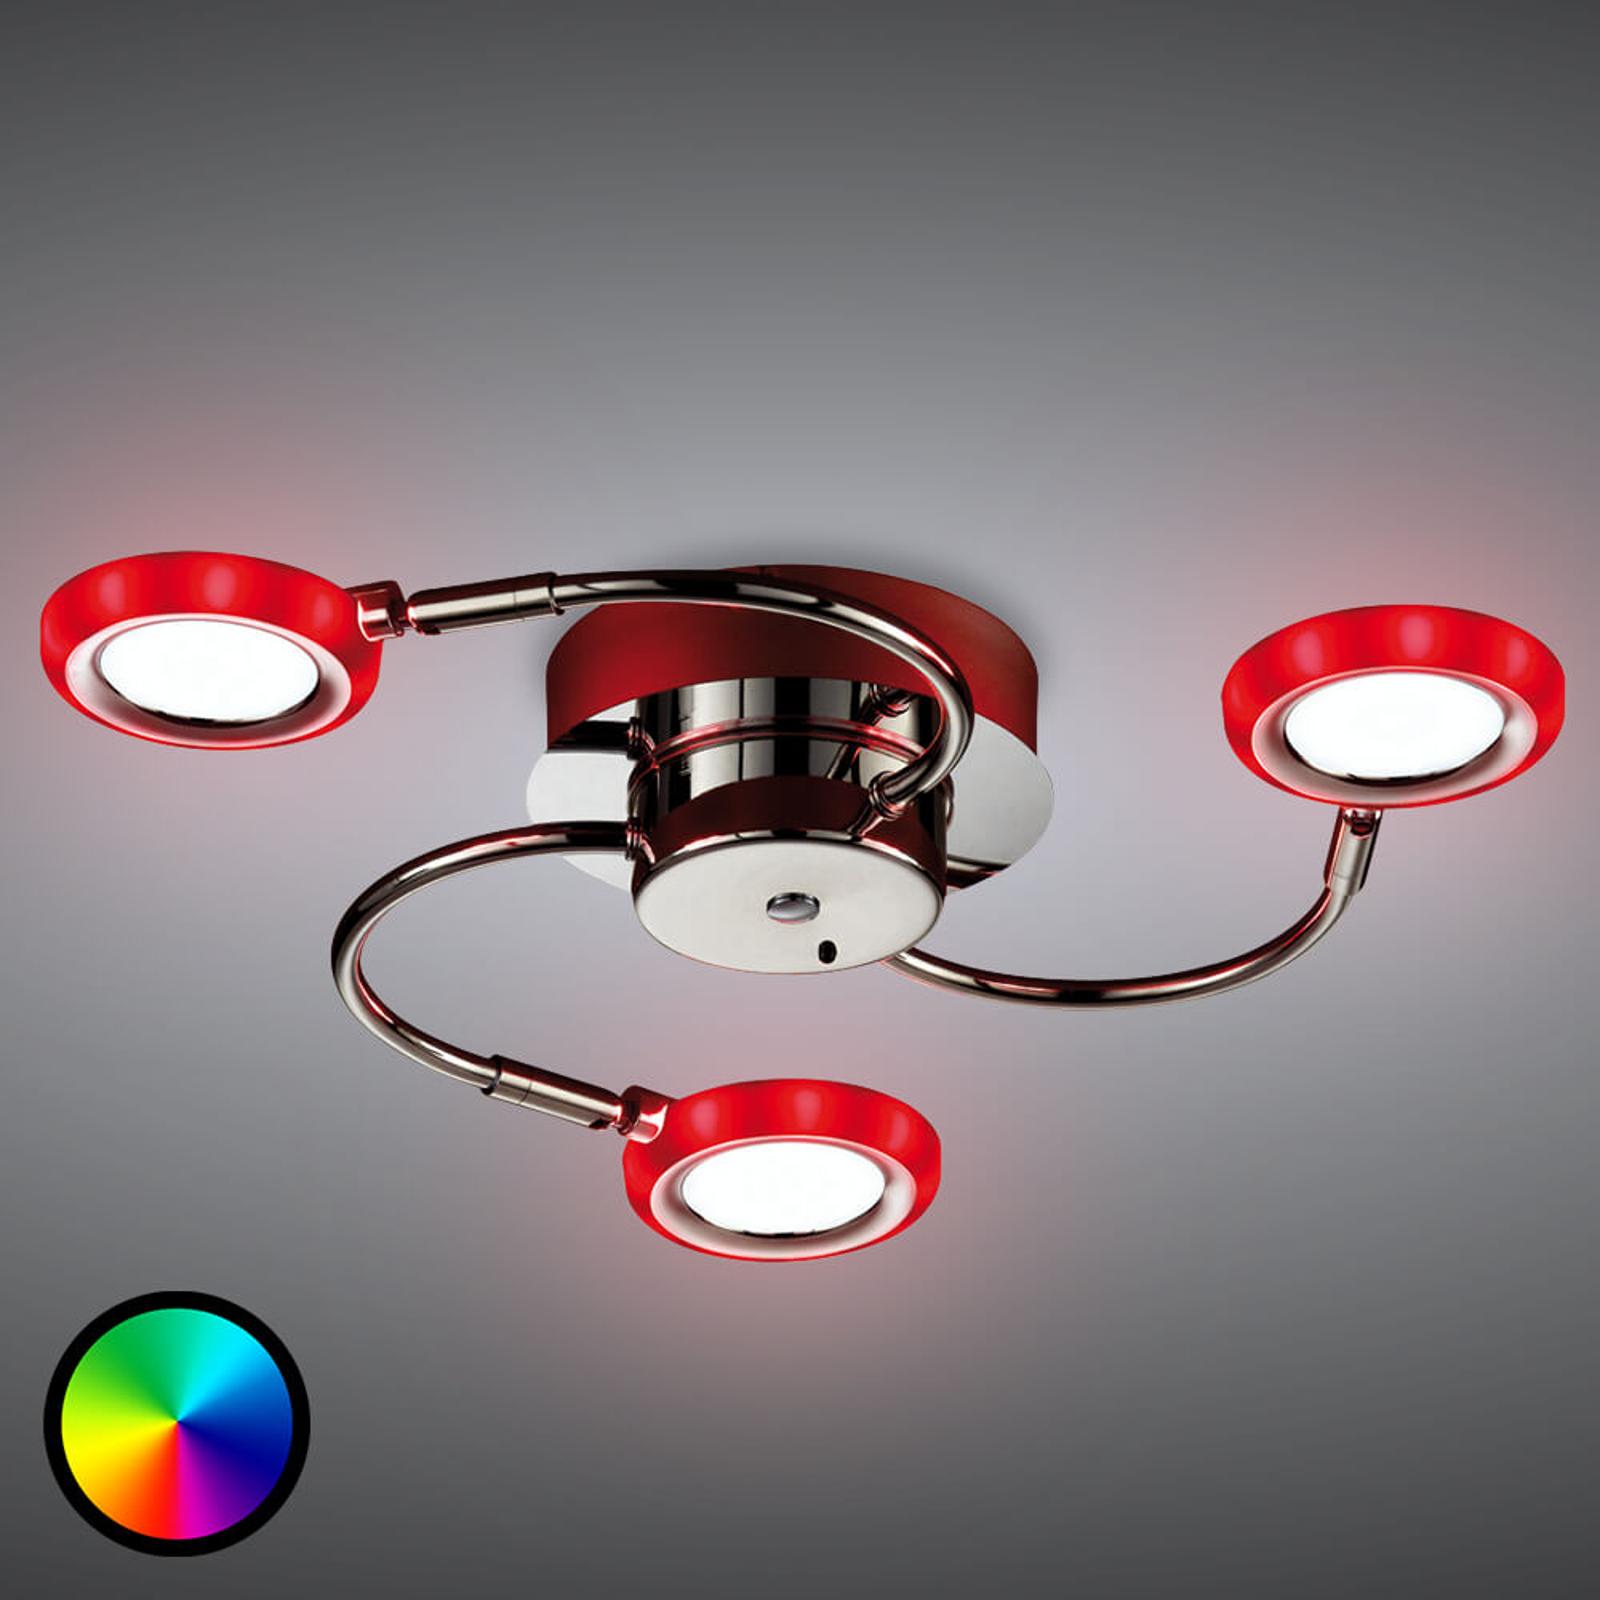 Lampa sufitowa LED Turner z efektami barwnymi